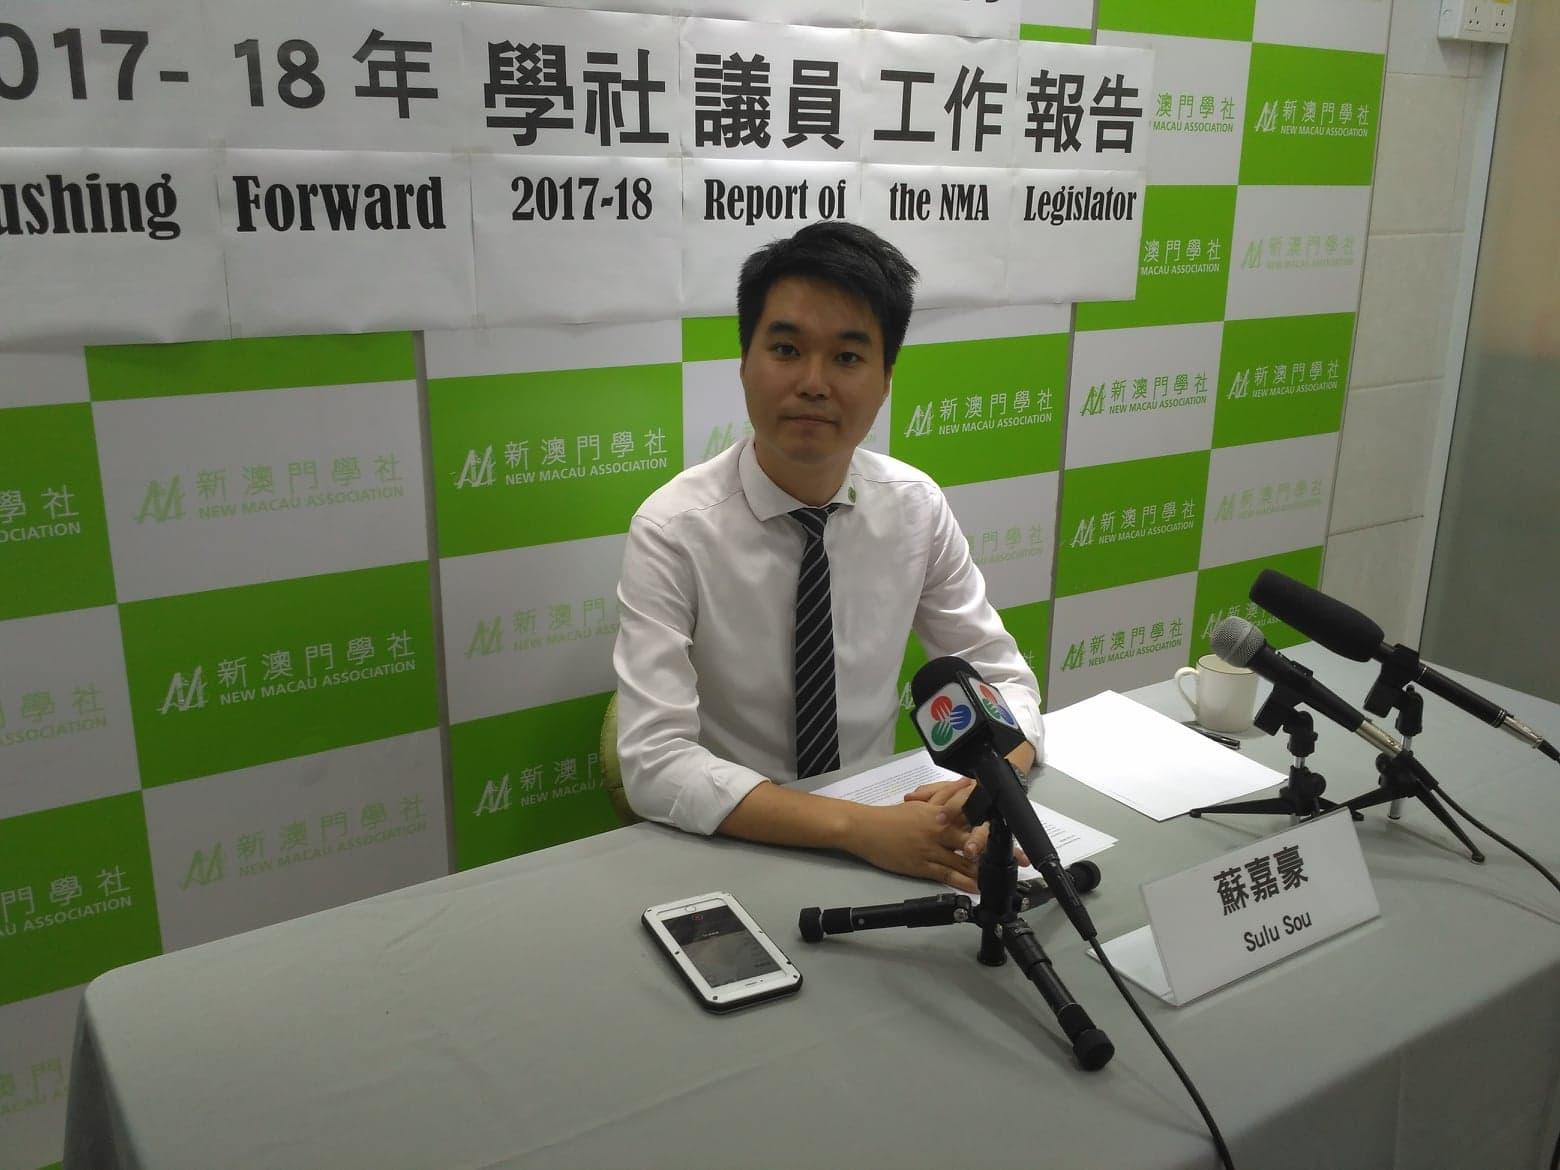 AL | Deputado focado no trabalho apesar da possibilidade de nova suspensão